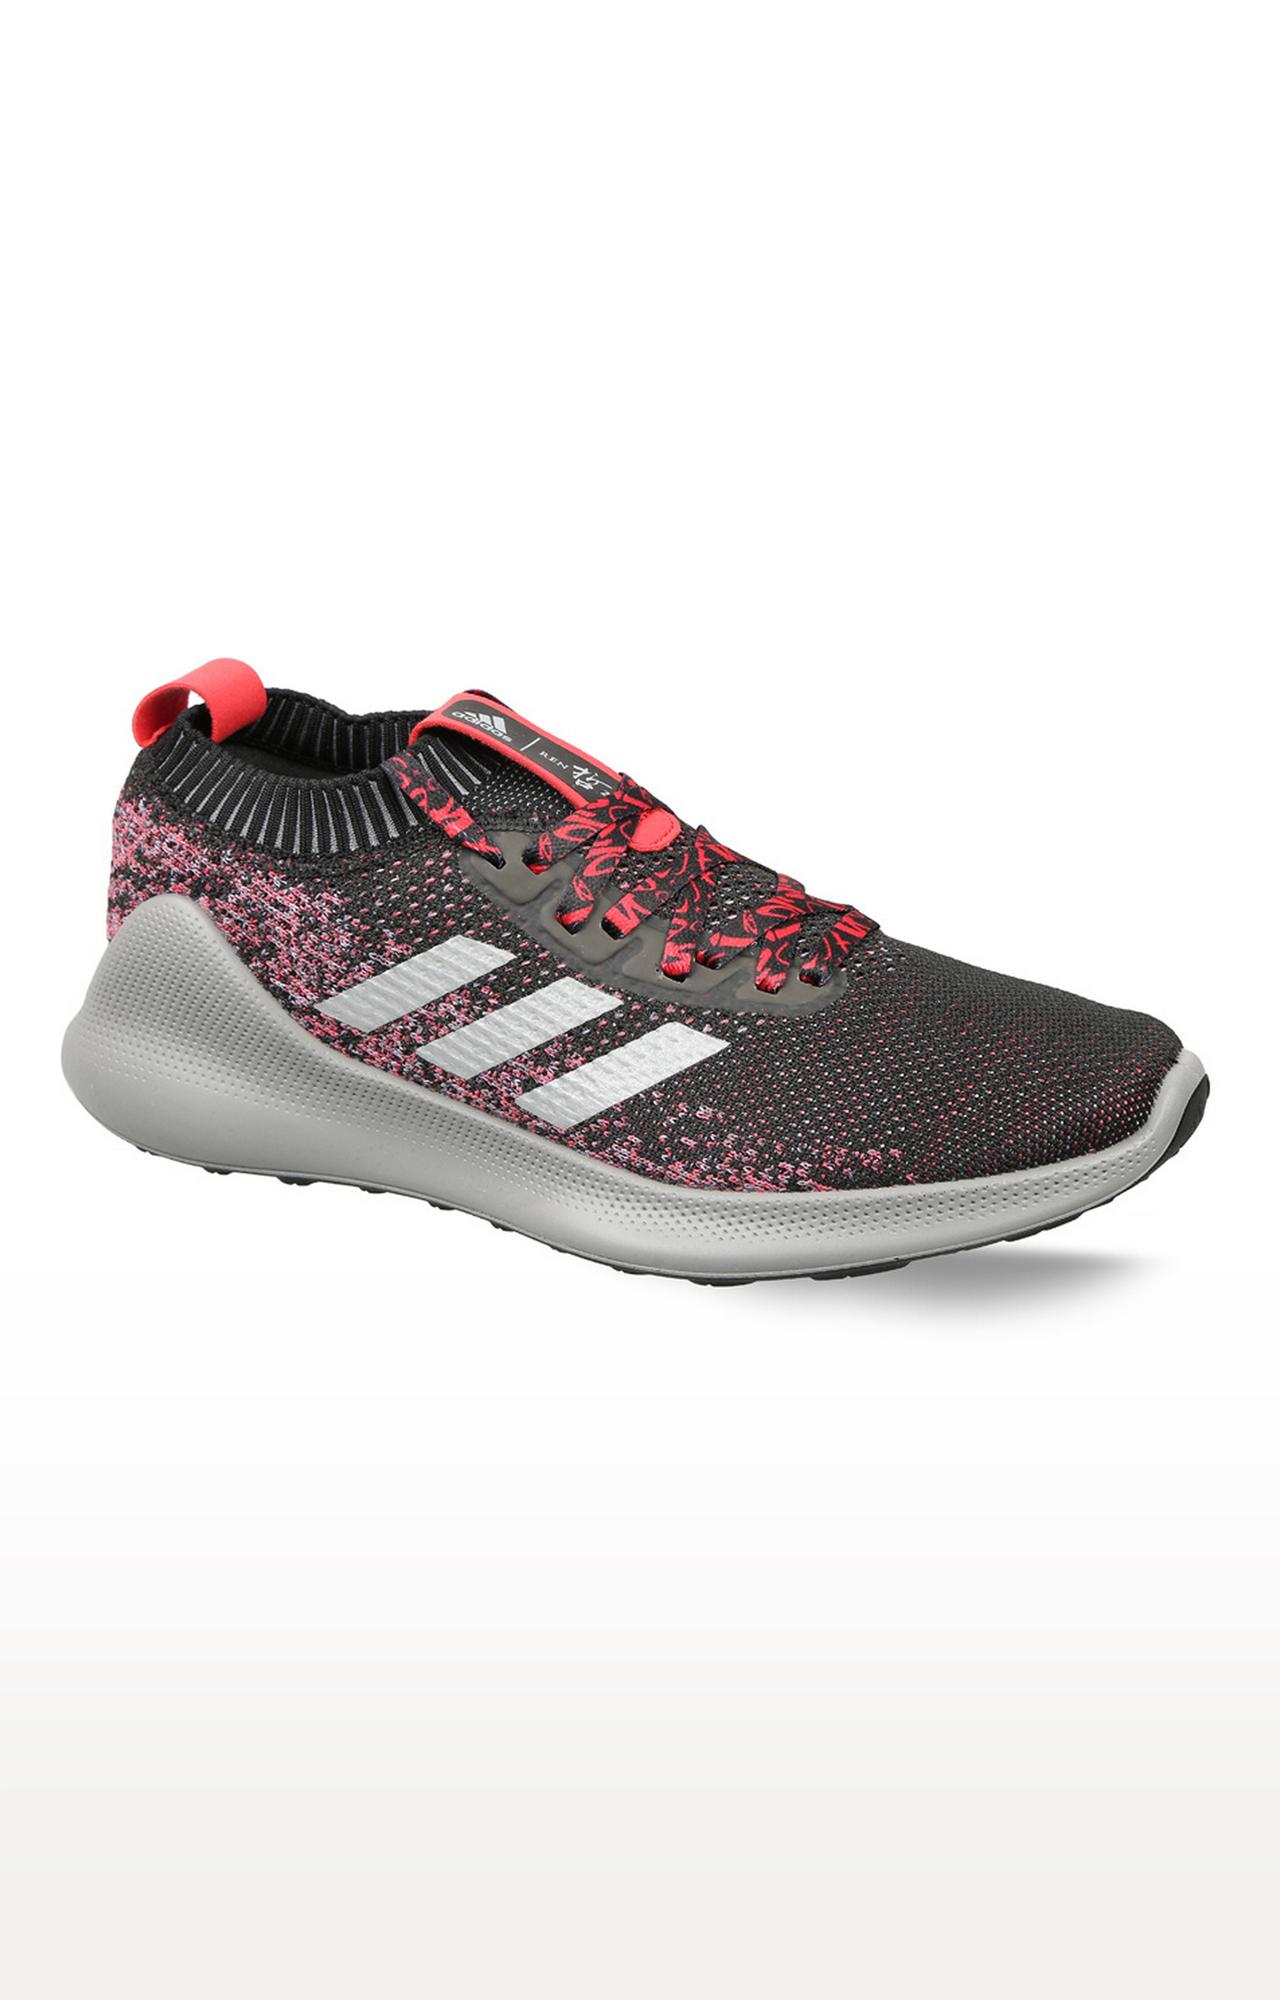 adidas | Adidas Purebounce+ M Running Shoe